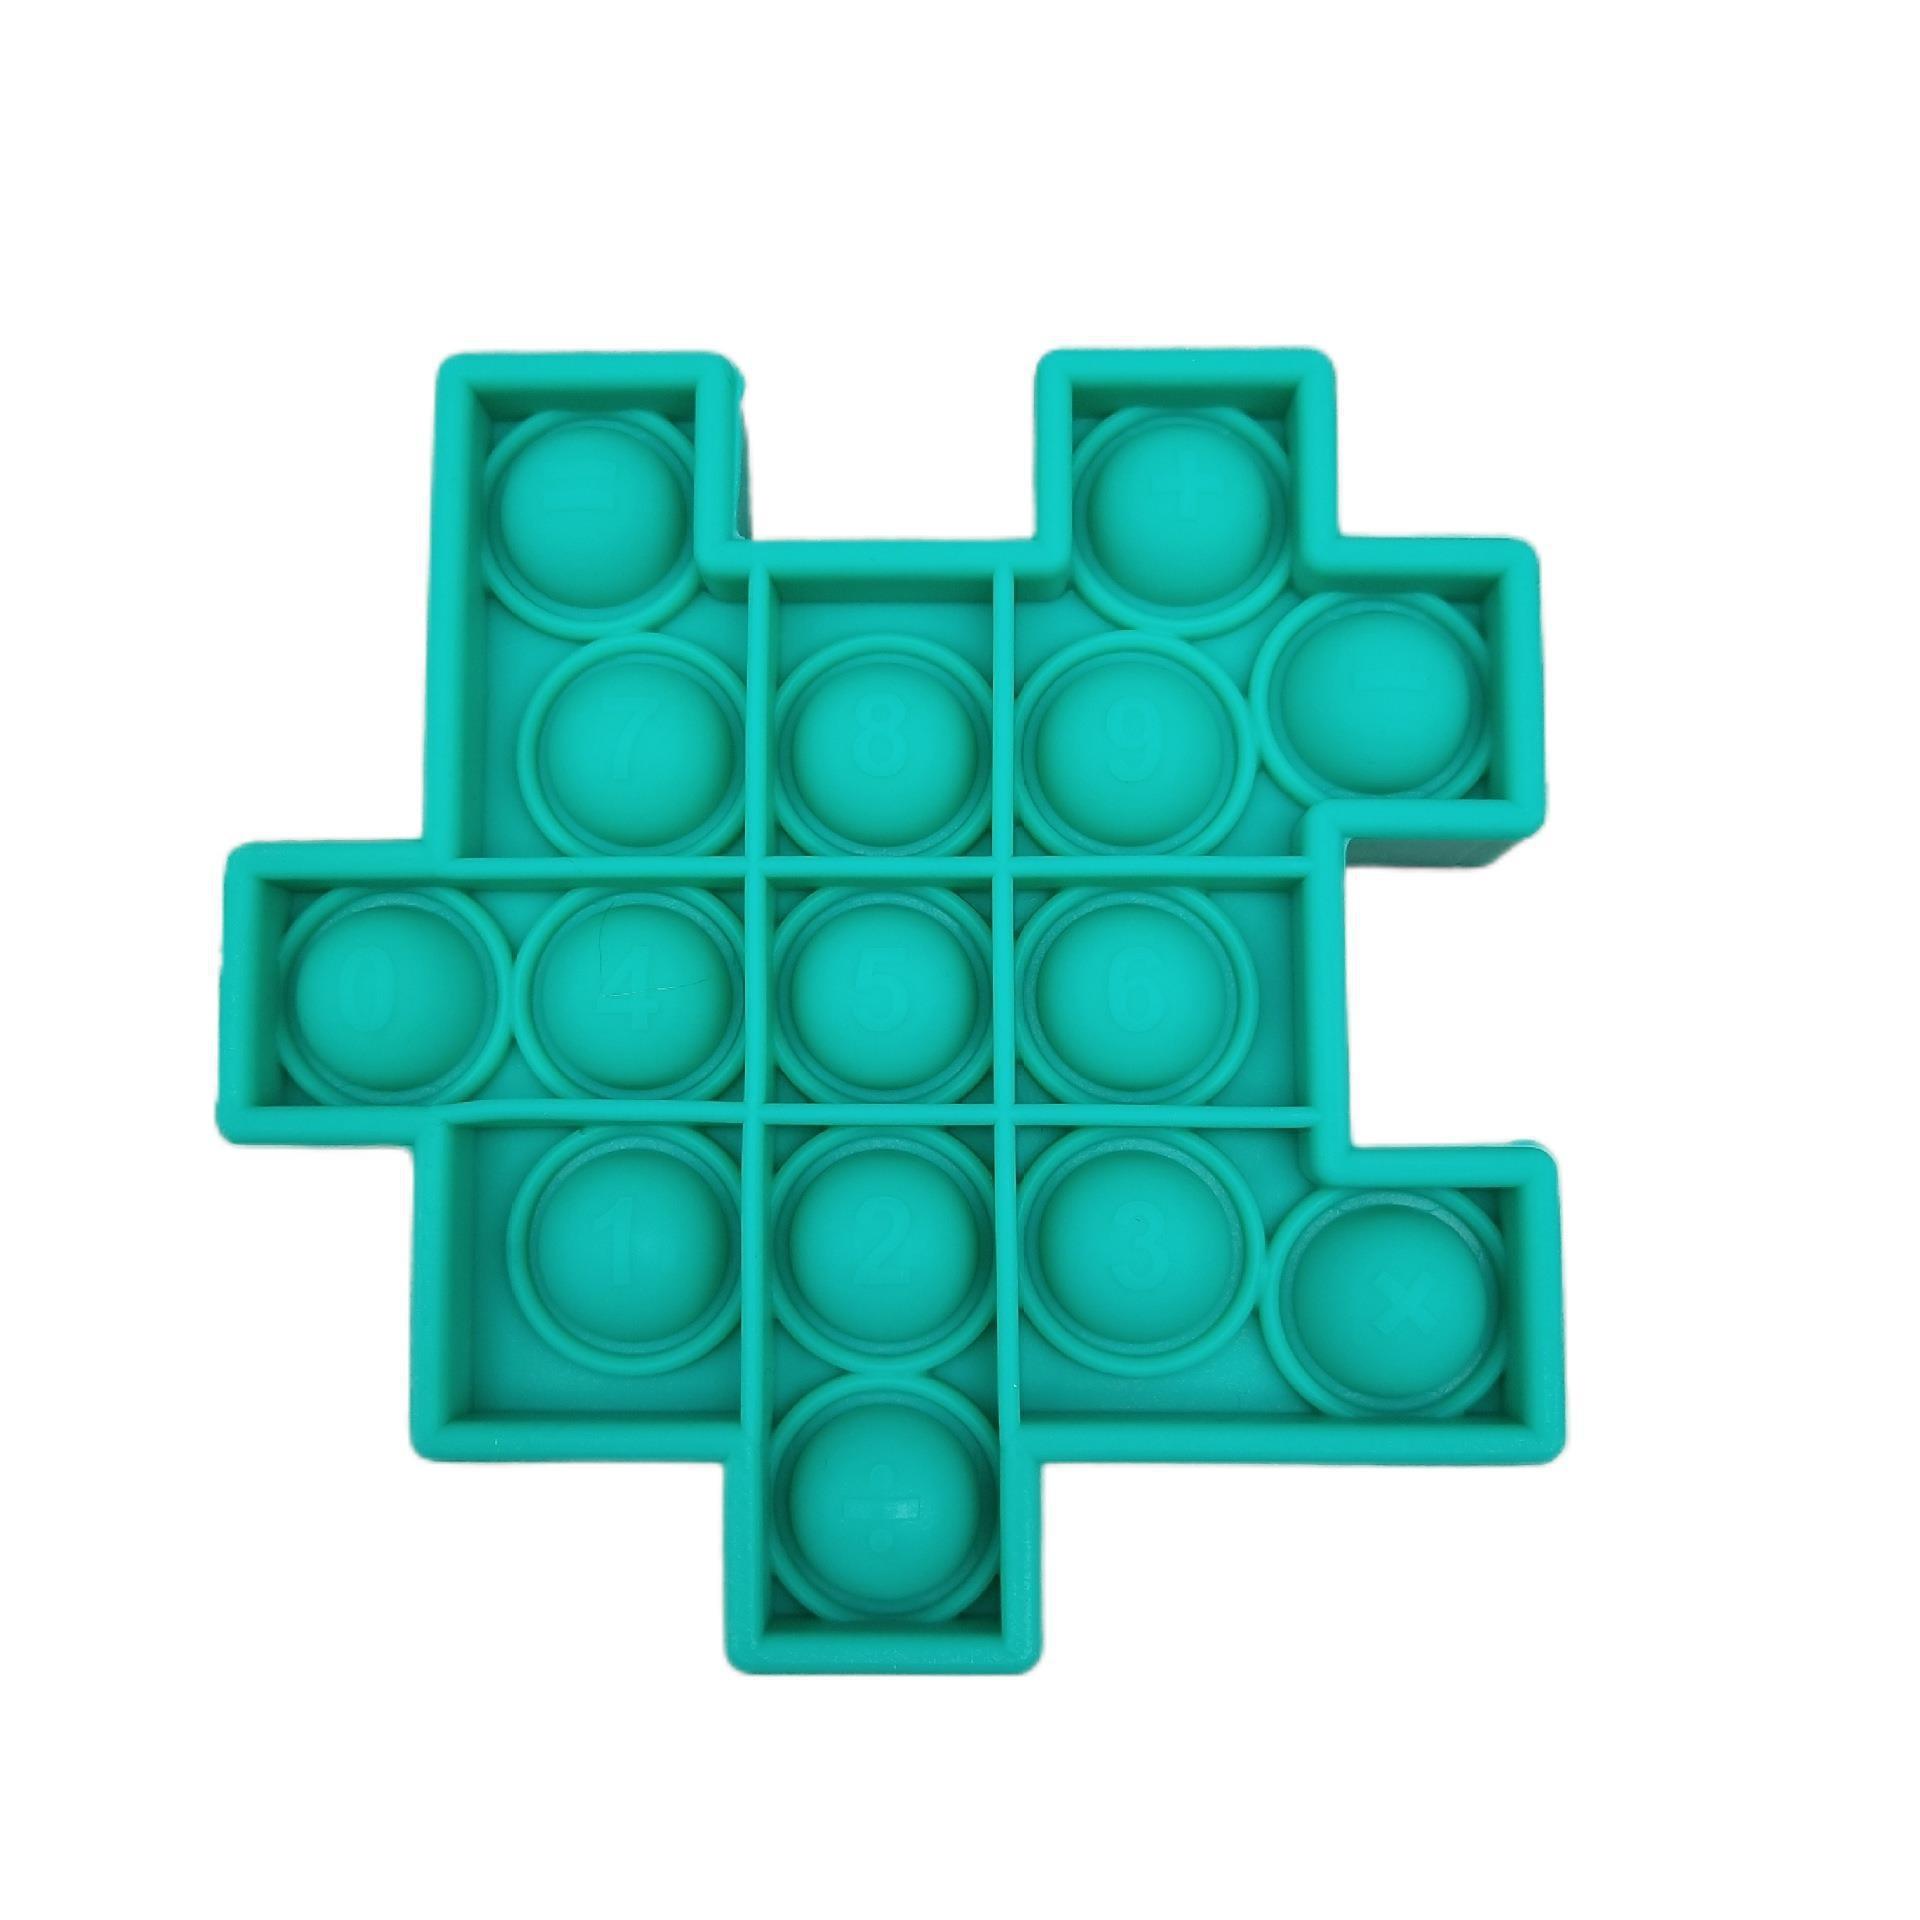 Children Fidget Toys Popit Push Bubble Sensory Toy Autism Special Stress Reliever Antistress Squeeze Toys PopsIt Reliver Stress enlarge